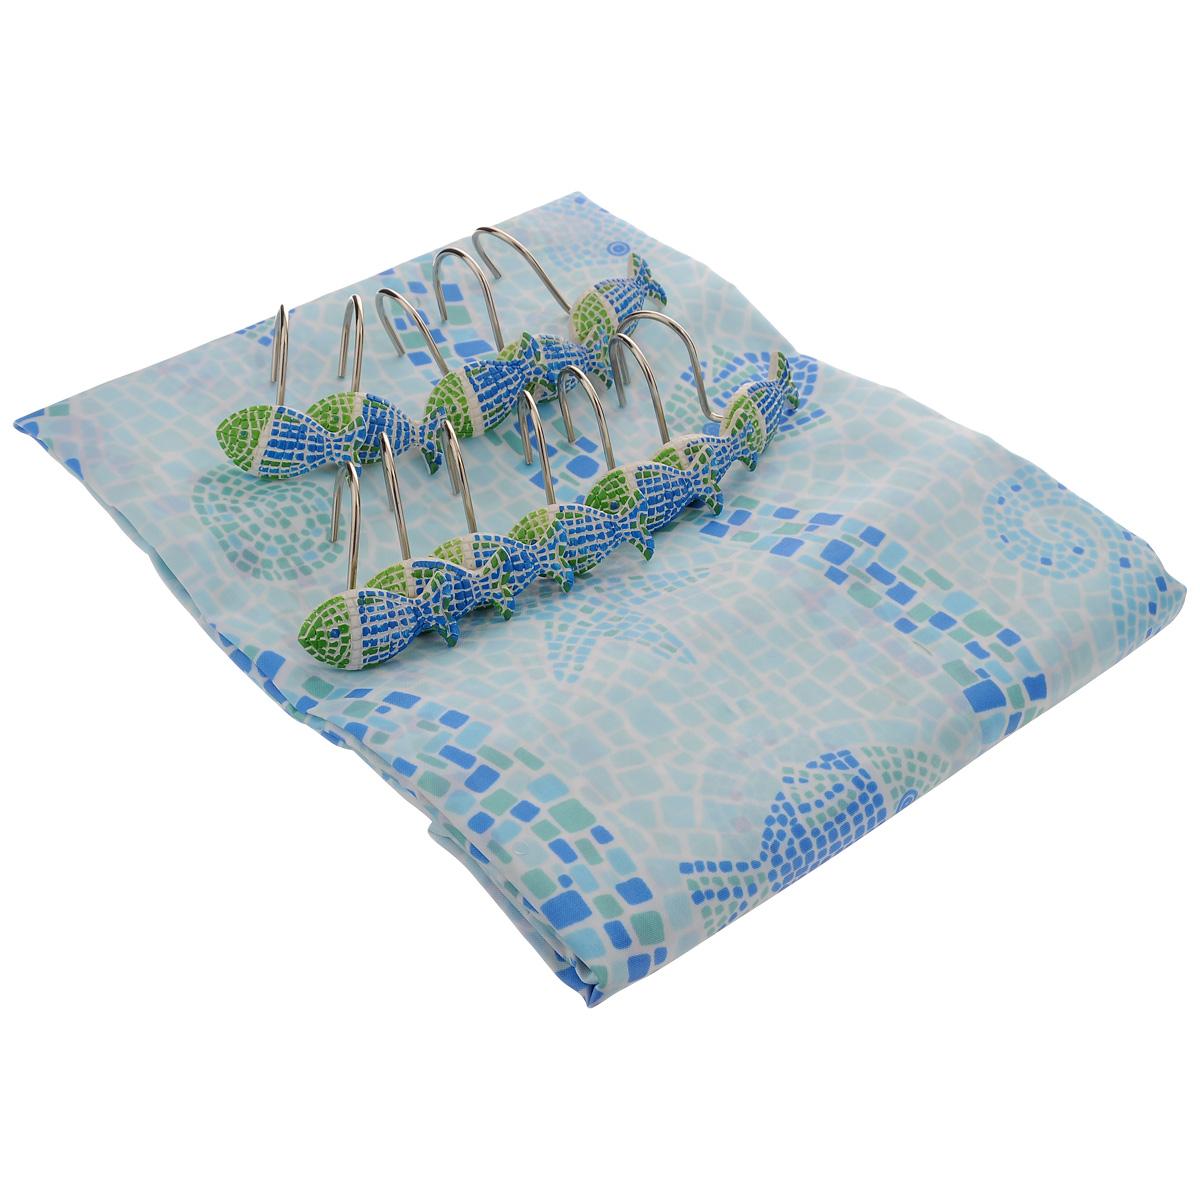 Штора для ванной комнаты House & Holder, цвет: голубой, 180 х 180 см SWYS063S03301004Штора для ванной комнаты House & Holder изготовлена из полимера с водоотталкивающим покрытием, оформлена изображением морских животных. Такая штора легко стирается и быстро сохнет. В ее верхней кромке предусмотрены отверстия для крючков. Крючки, выполненные из металла, декорированы фигурками объемных рыбок. Количество крючков: 12 шт.